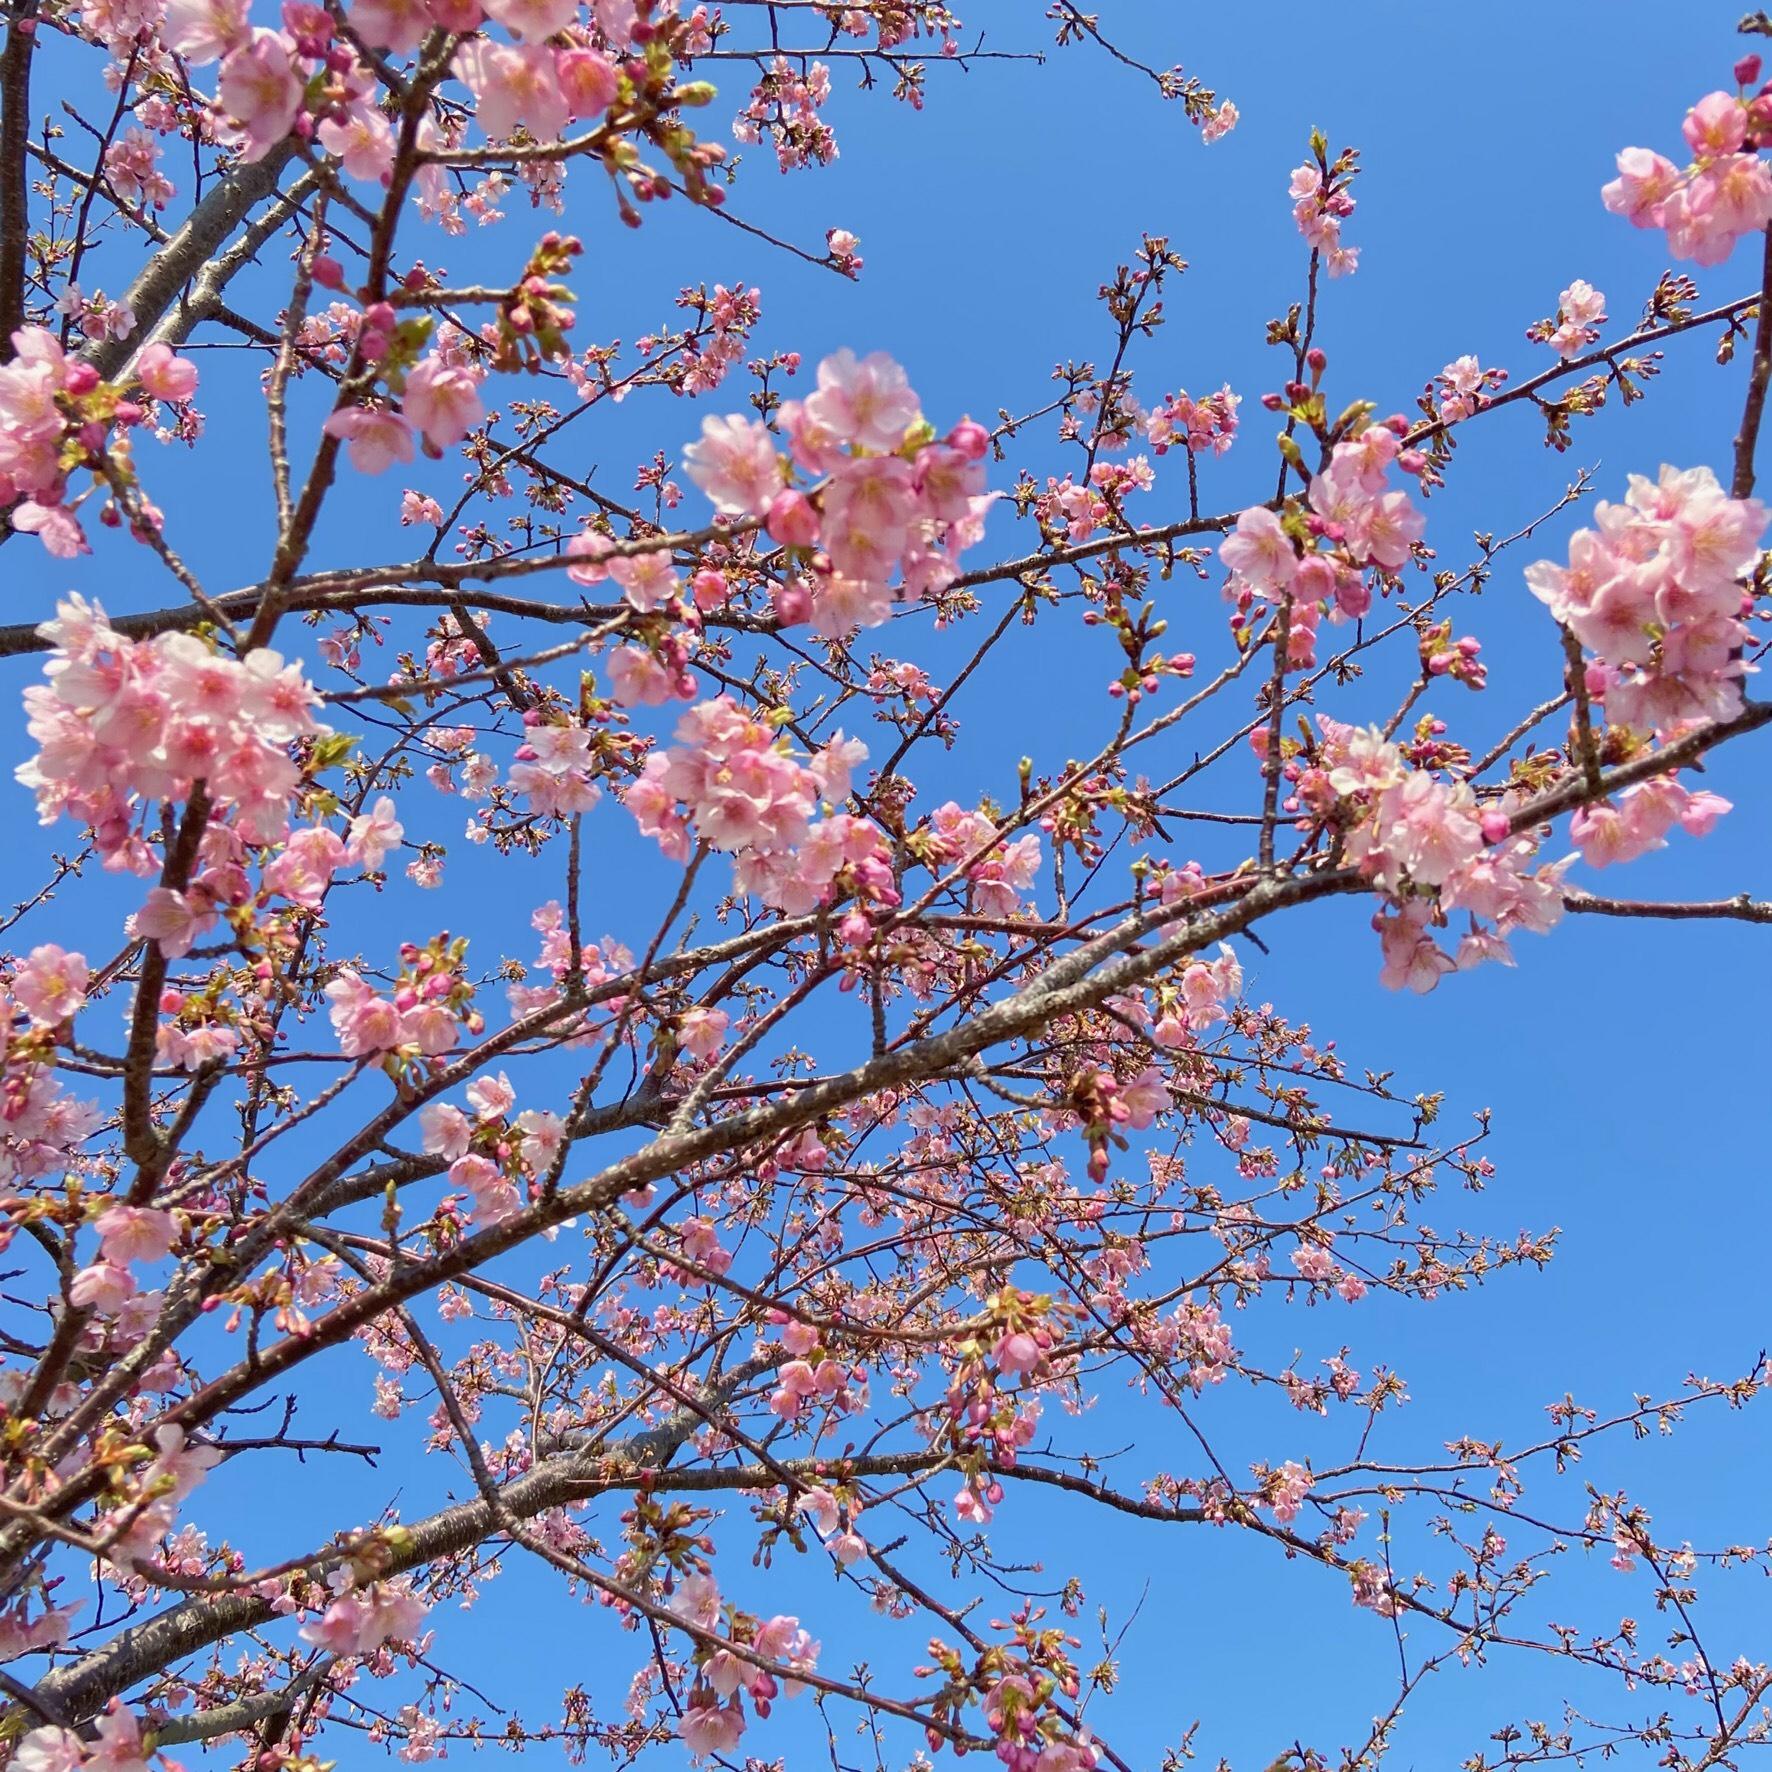 2021年2月20日(土) 笠松 河津桜開花状況